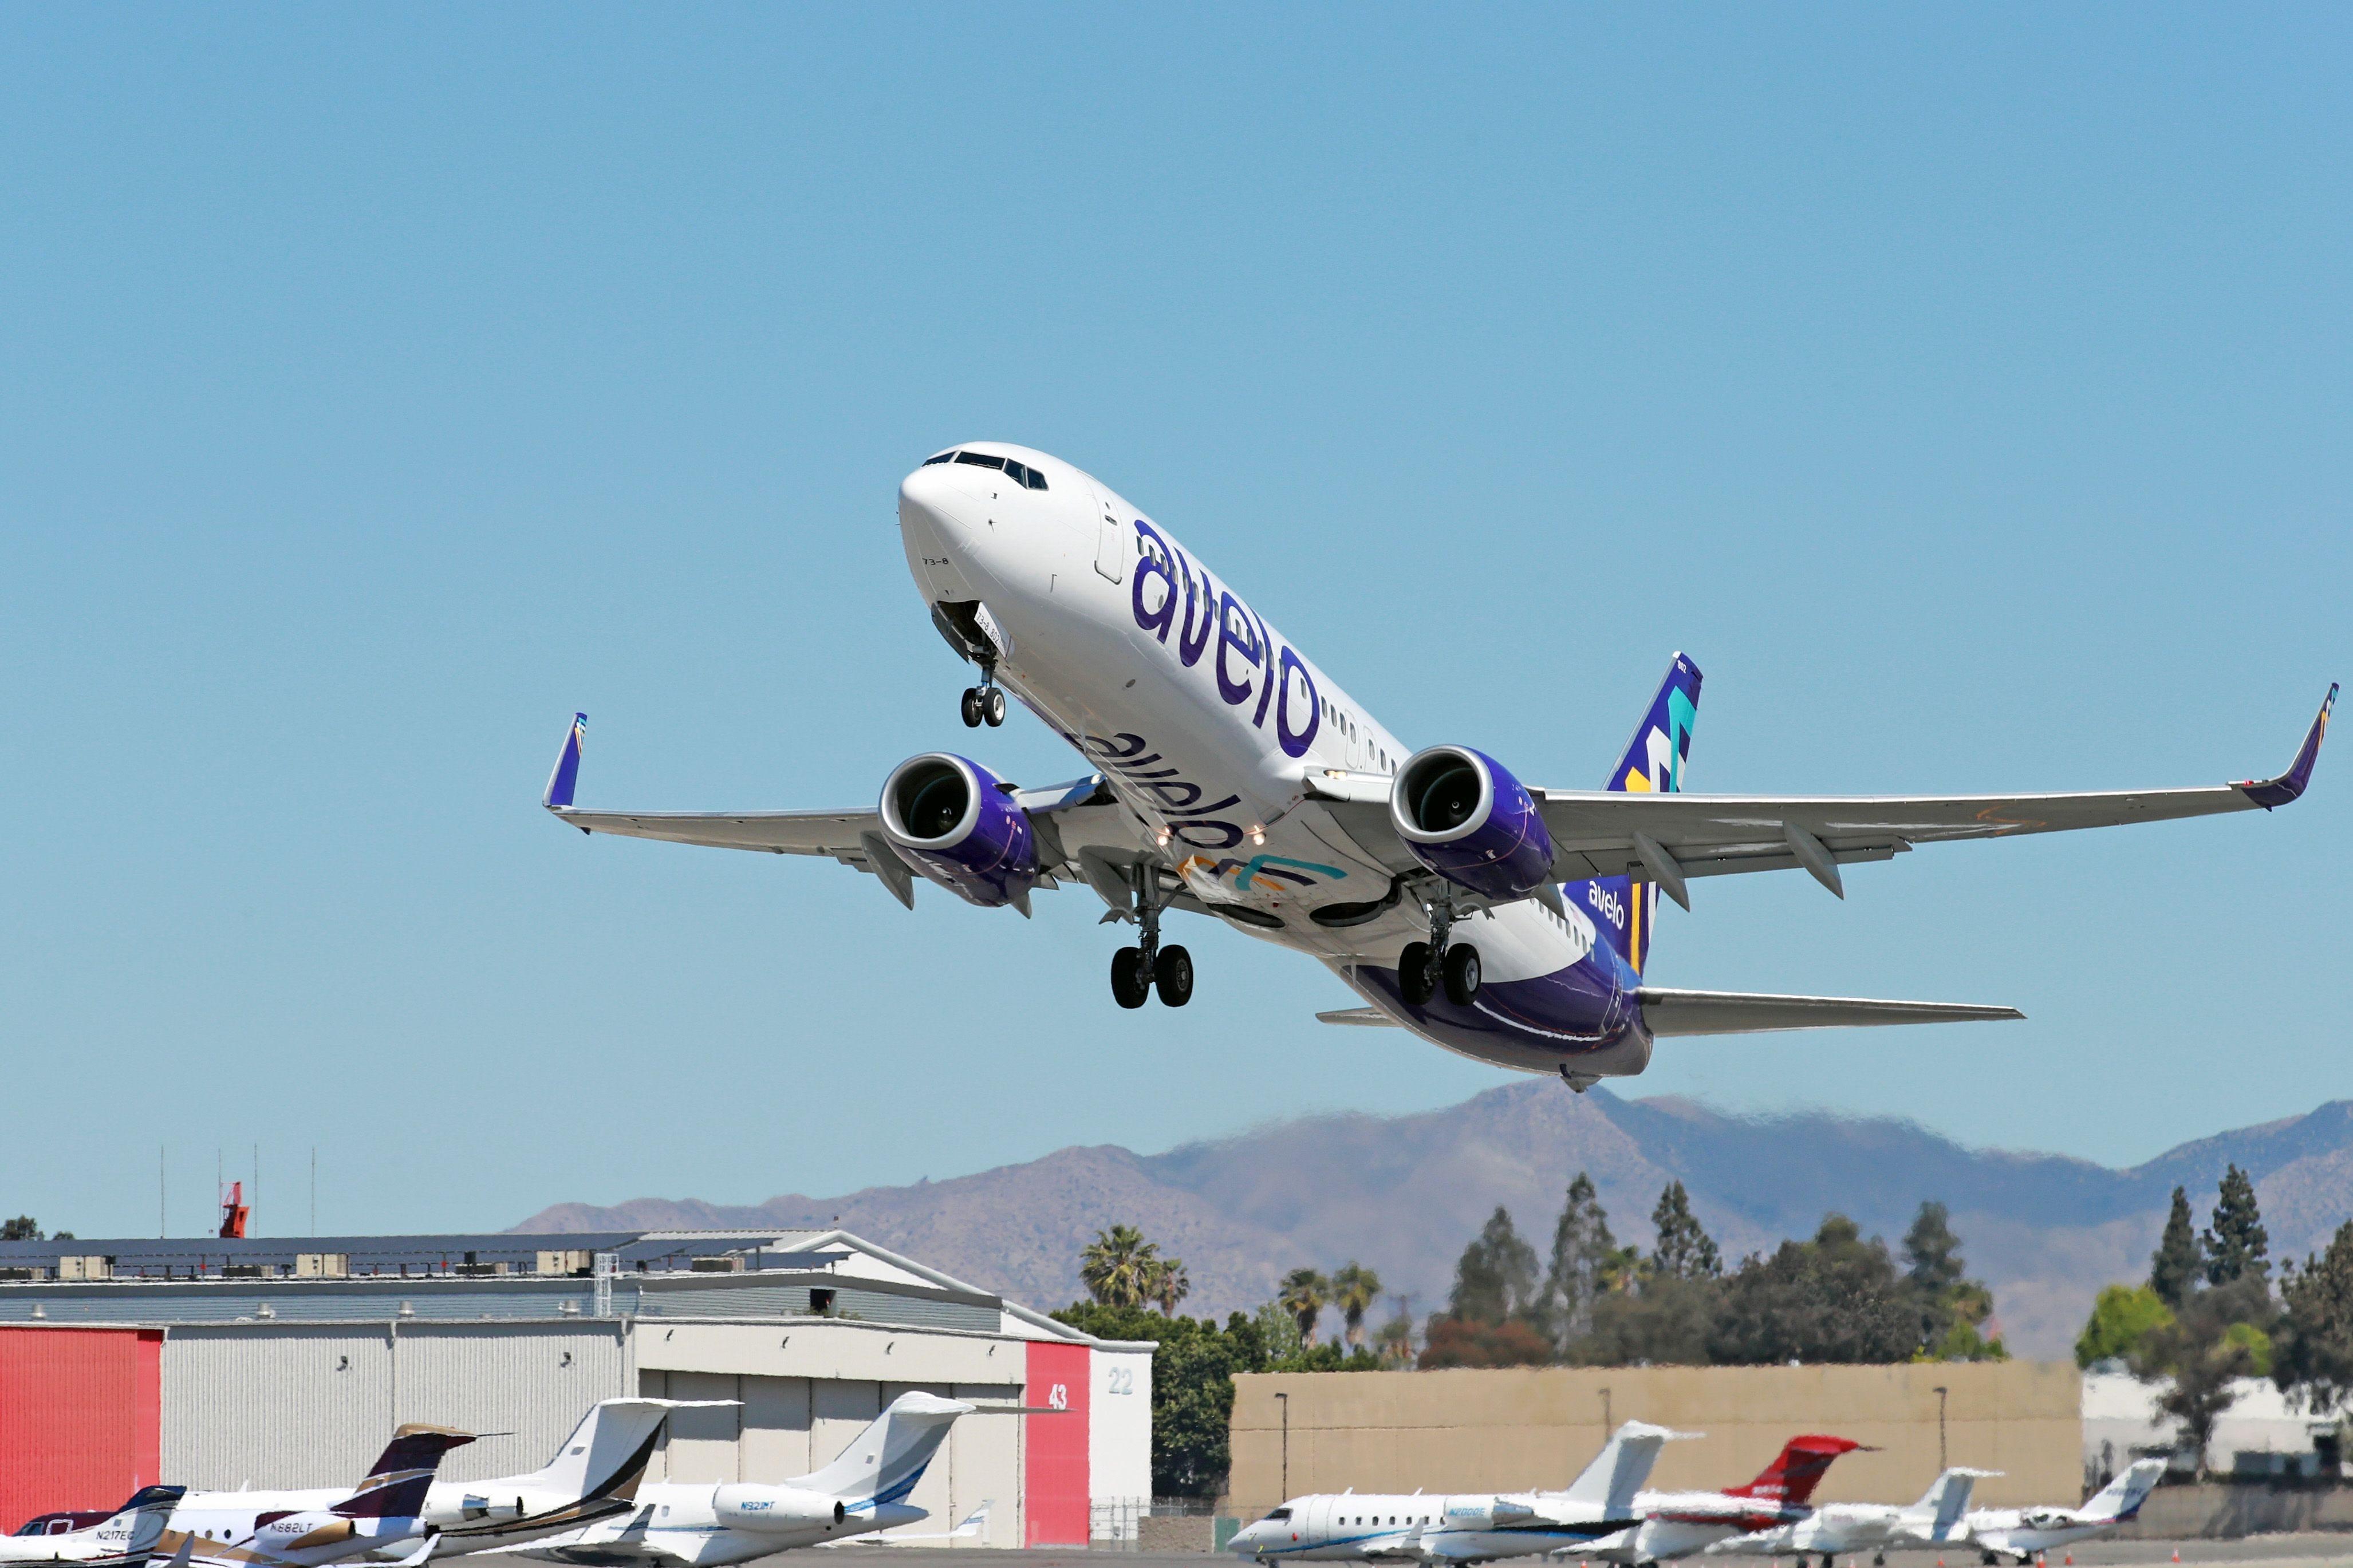 边疆航空夏天将提供更多直飞航班,同时推出低至19美元的折扣机票